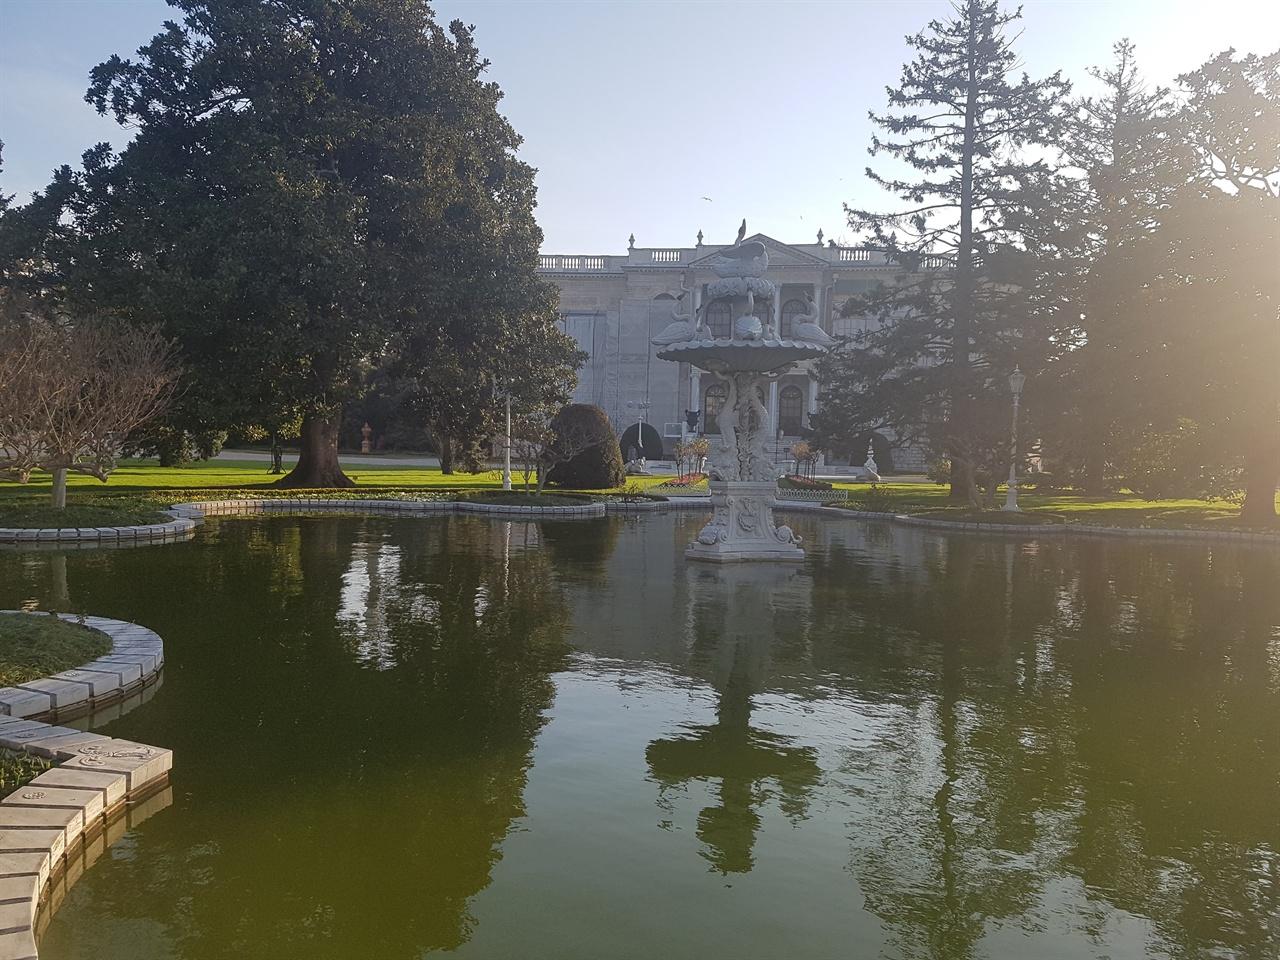 돌마바흐체 궁전의 정원도 참 아름답게 가꿔져 있습니다.